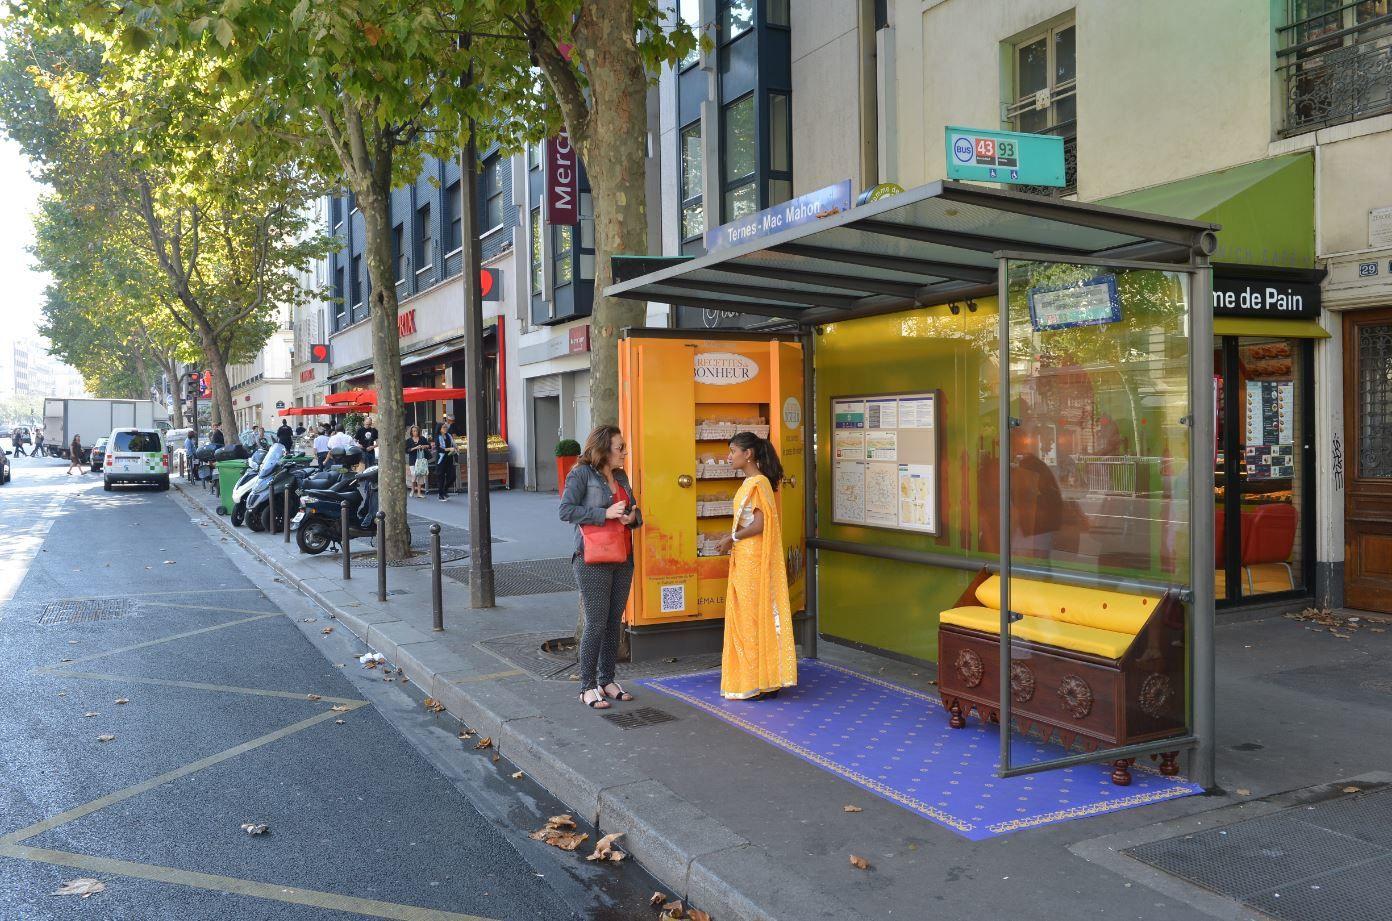 A l'occasion de la sortie du film Les recettes du bonheur, un abribus parisien redécoré.